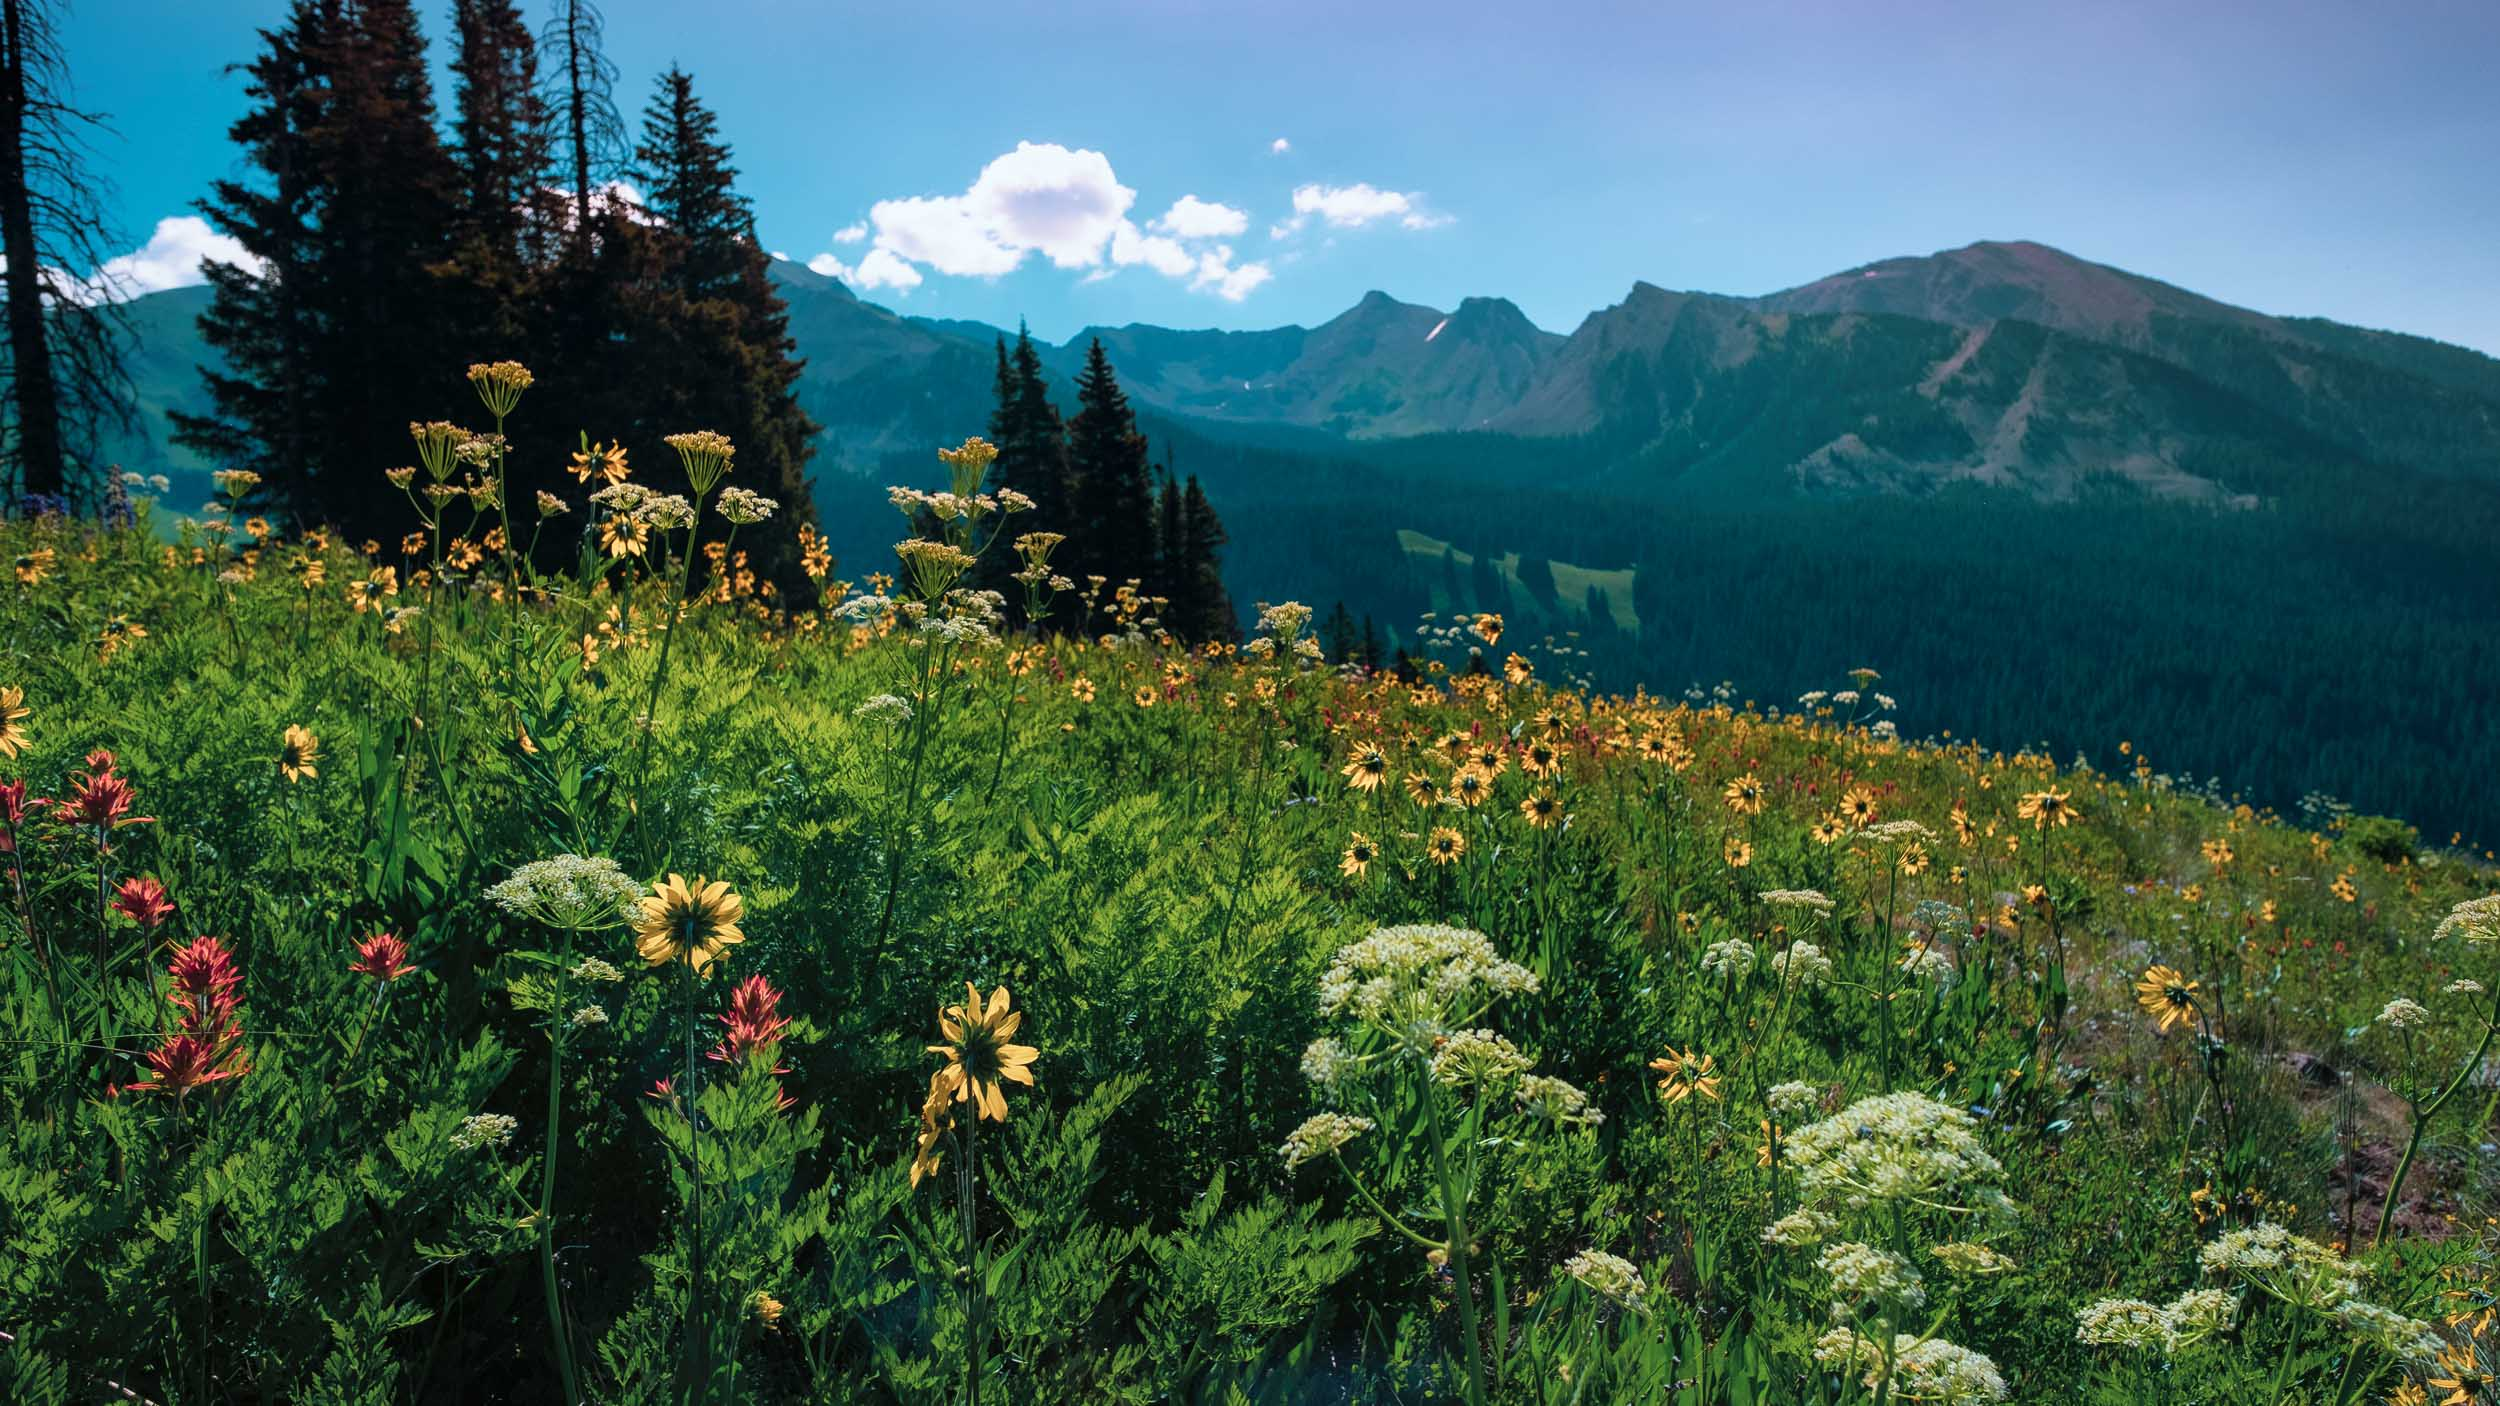 Wildflowers along Rustler's Gulch - Fuji XT2, 14mm f/2.8